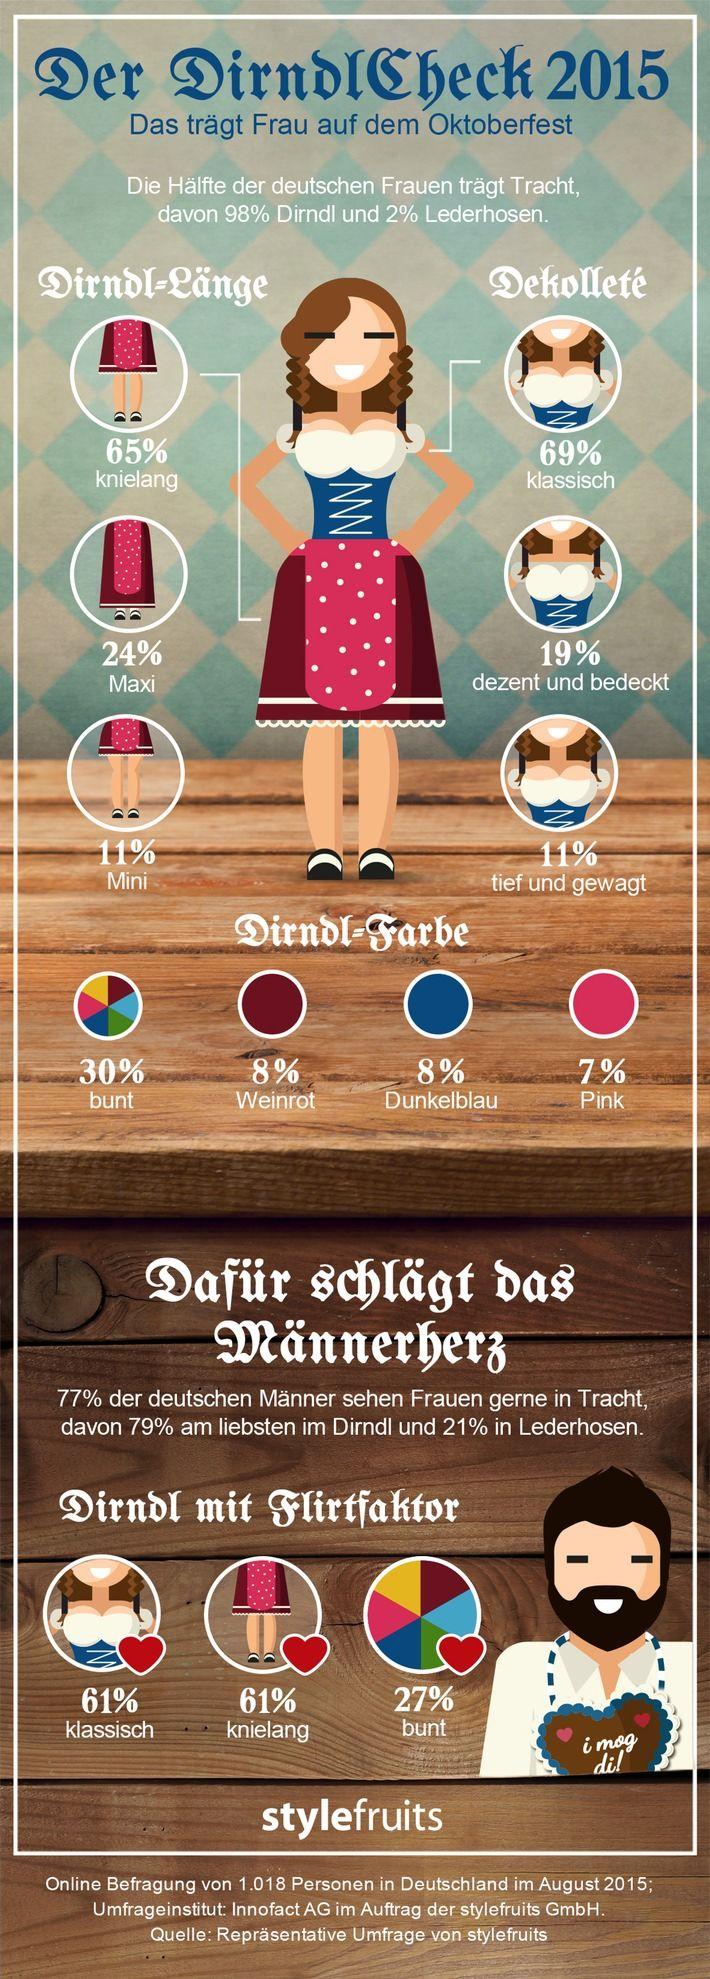 Dirndl Check 2015: So sieht die perfekte Tracht für die Wiesn 2015 aus #Oktoberfest #Dirndl #Wiesn